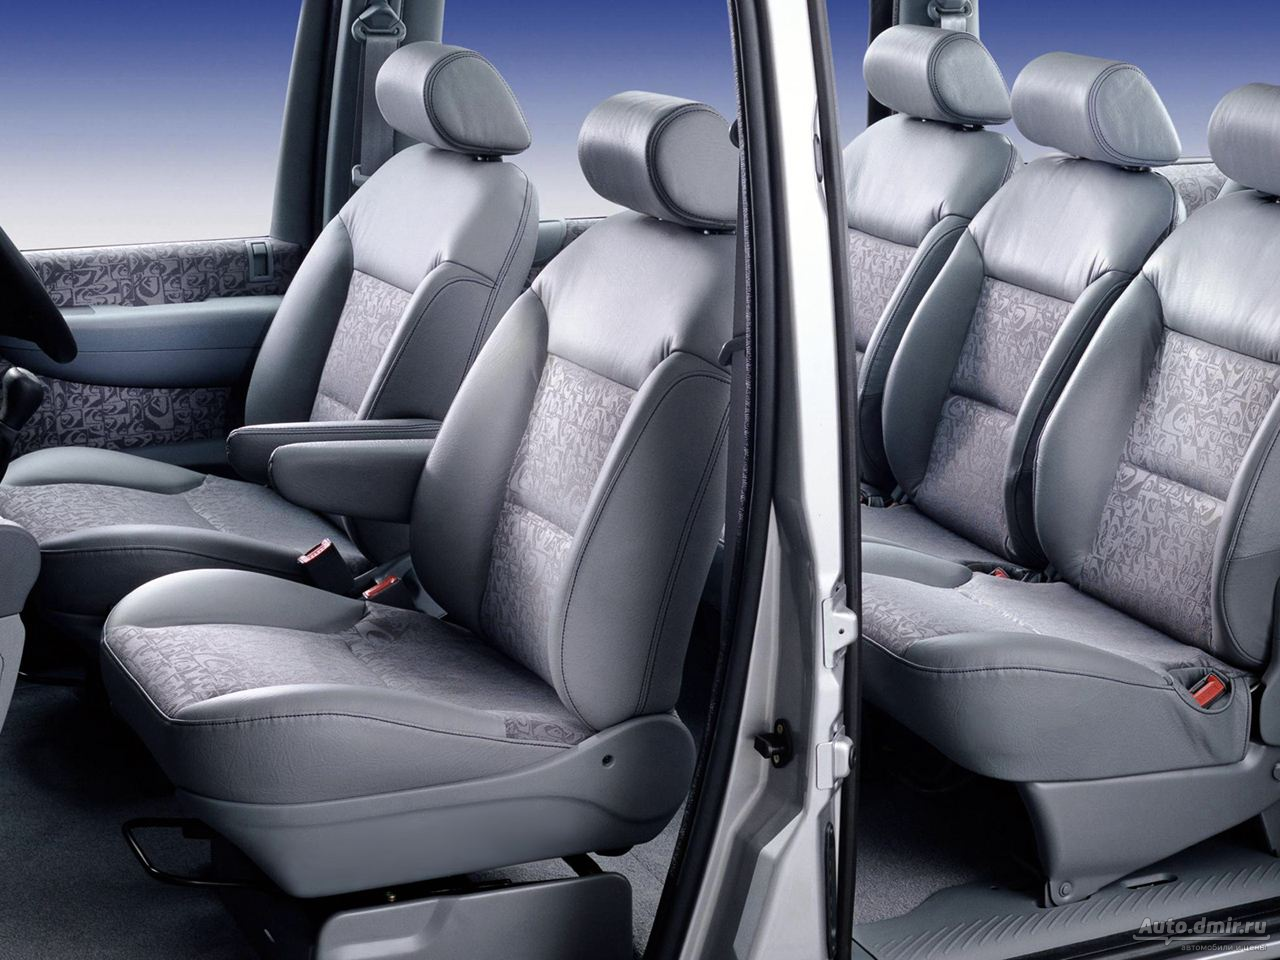 PEUGEOT 806 interior